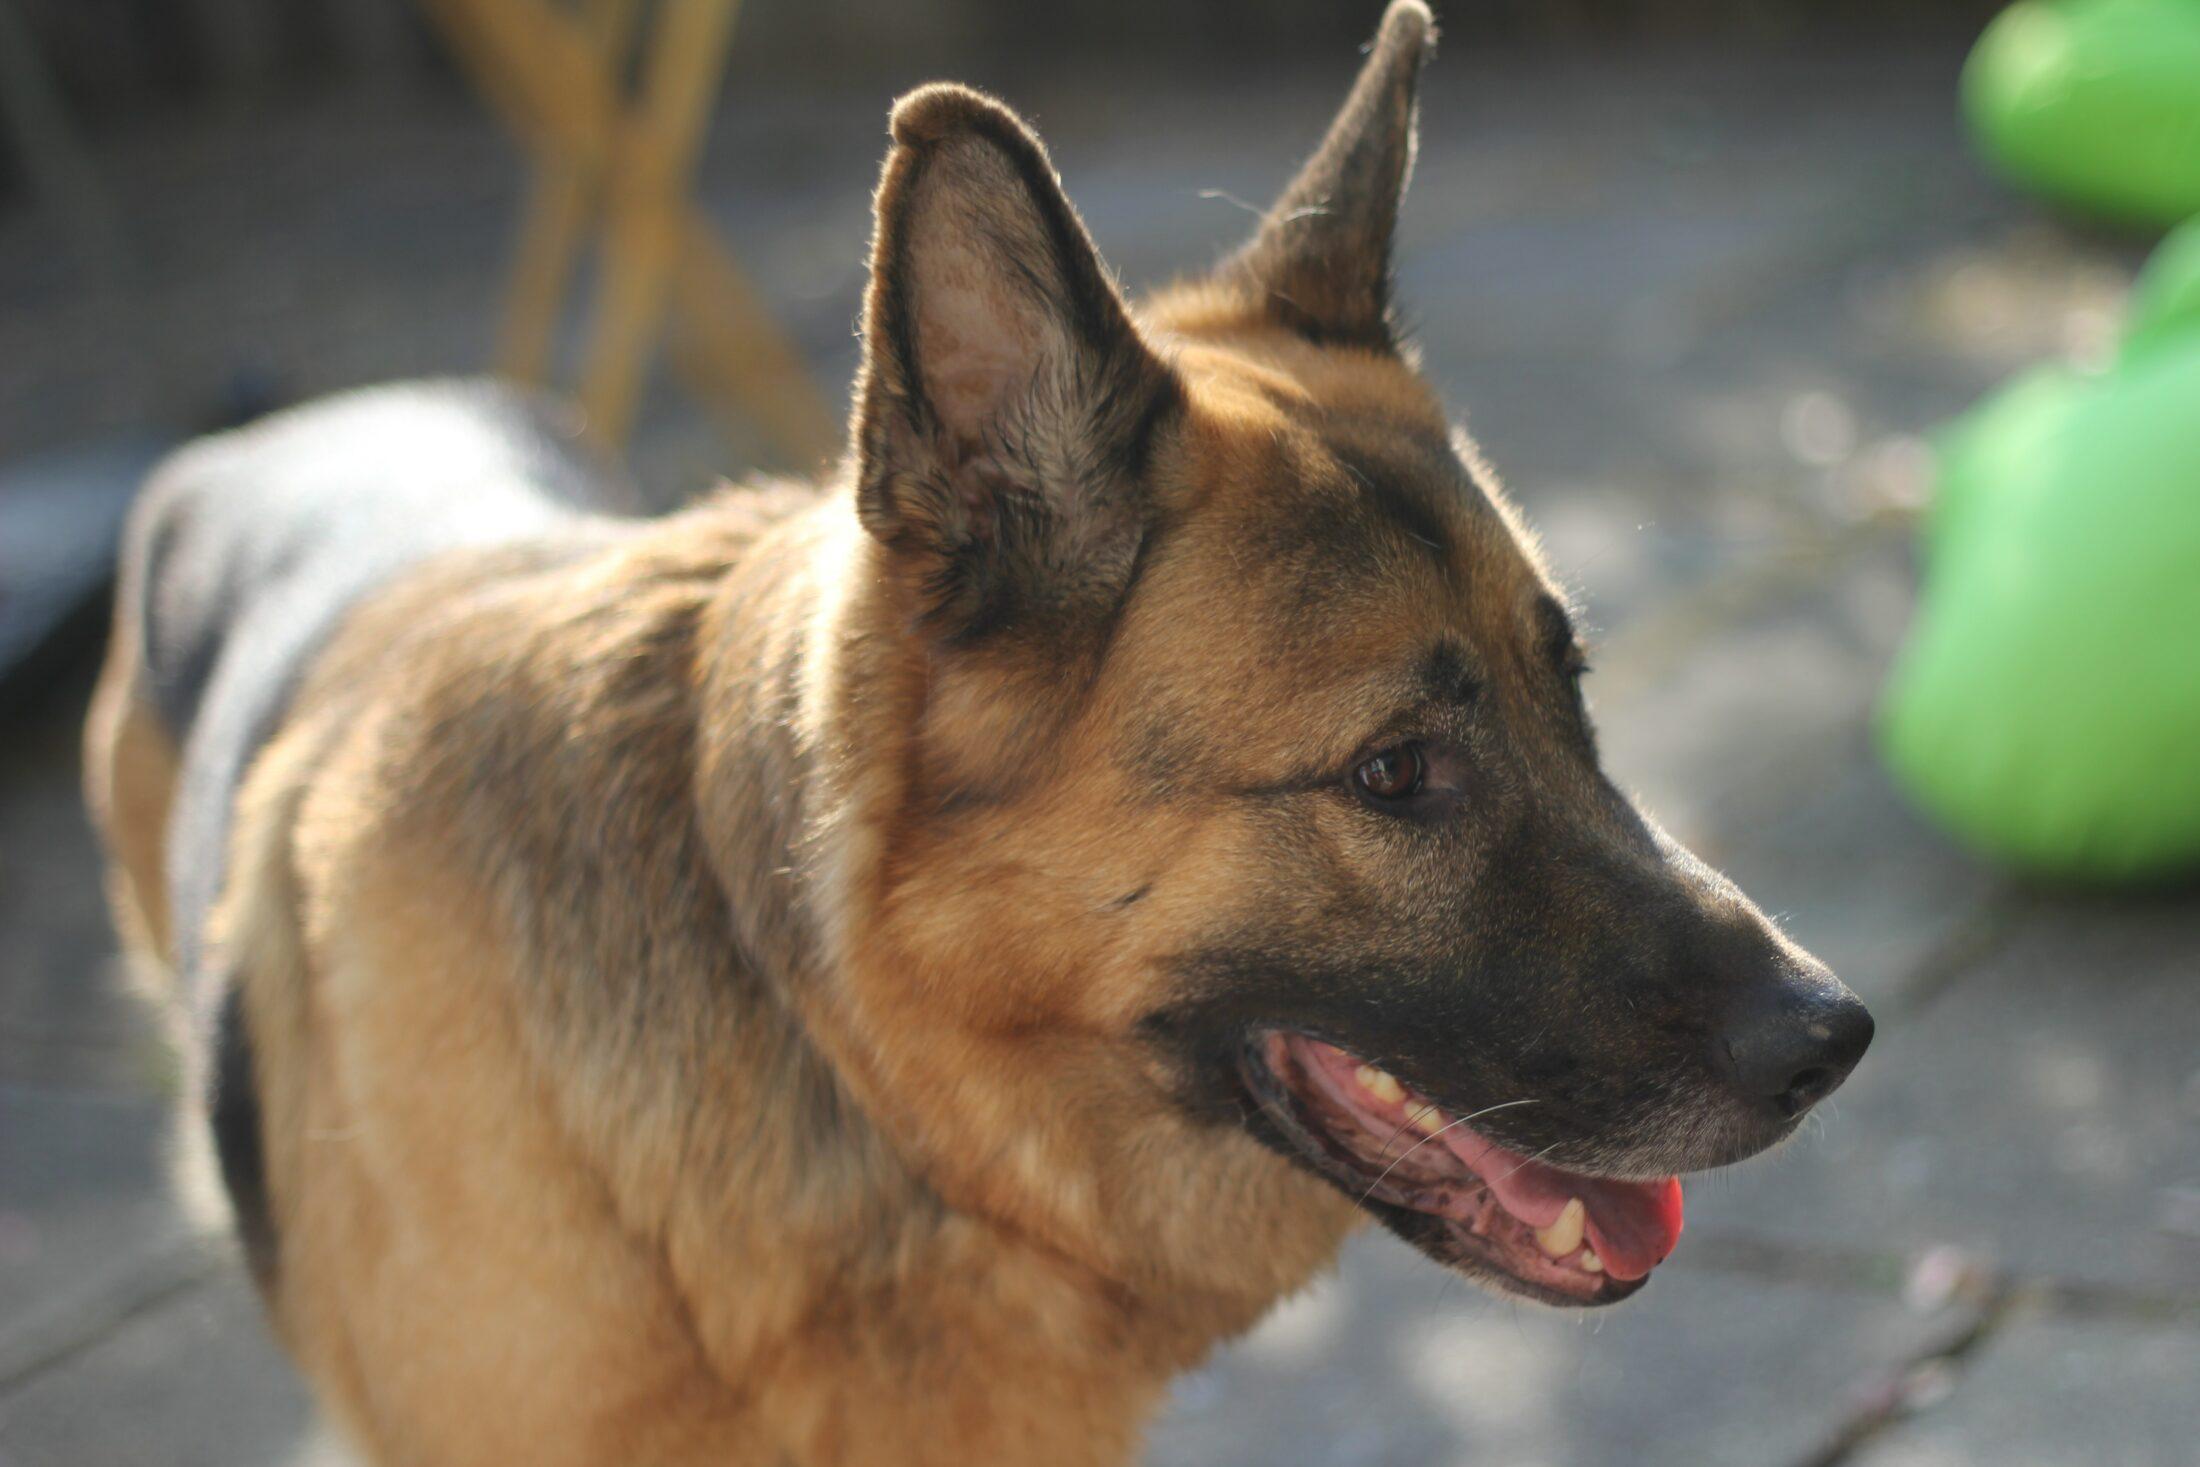 cachorro com olho azul - pastro alemao